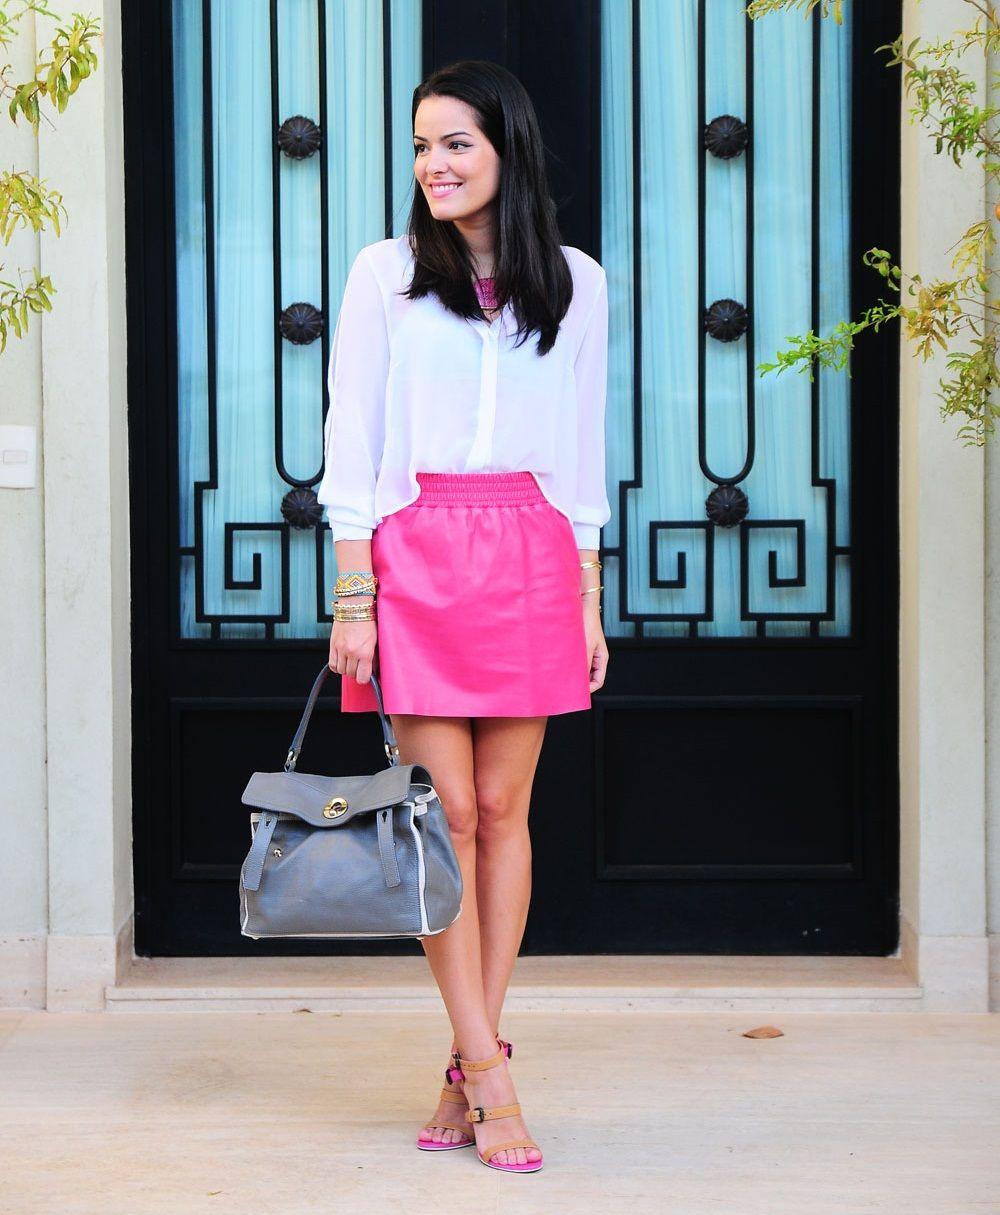 blog-da-mariah-look-do-dia-triya-body-22 | Moda, Beleza